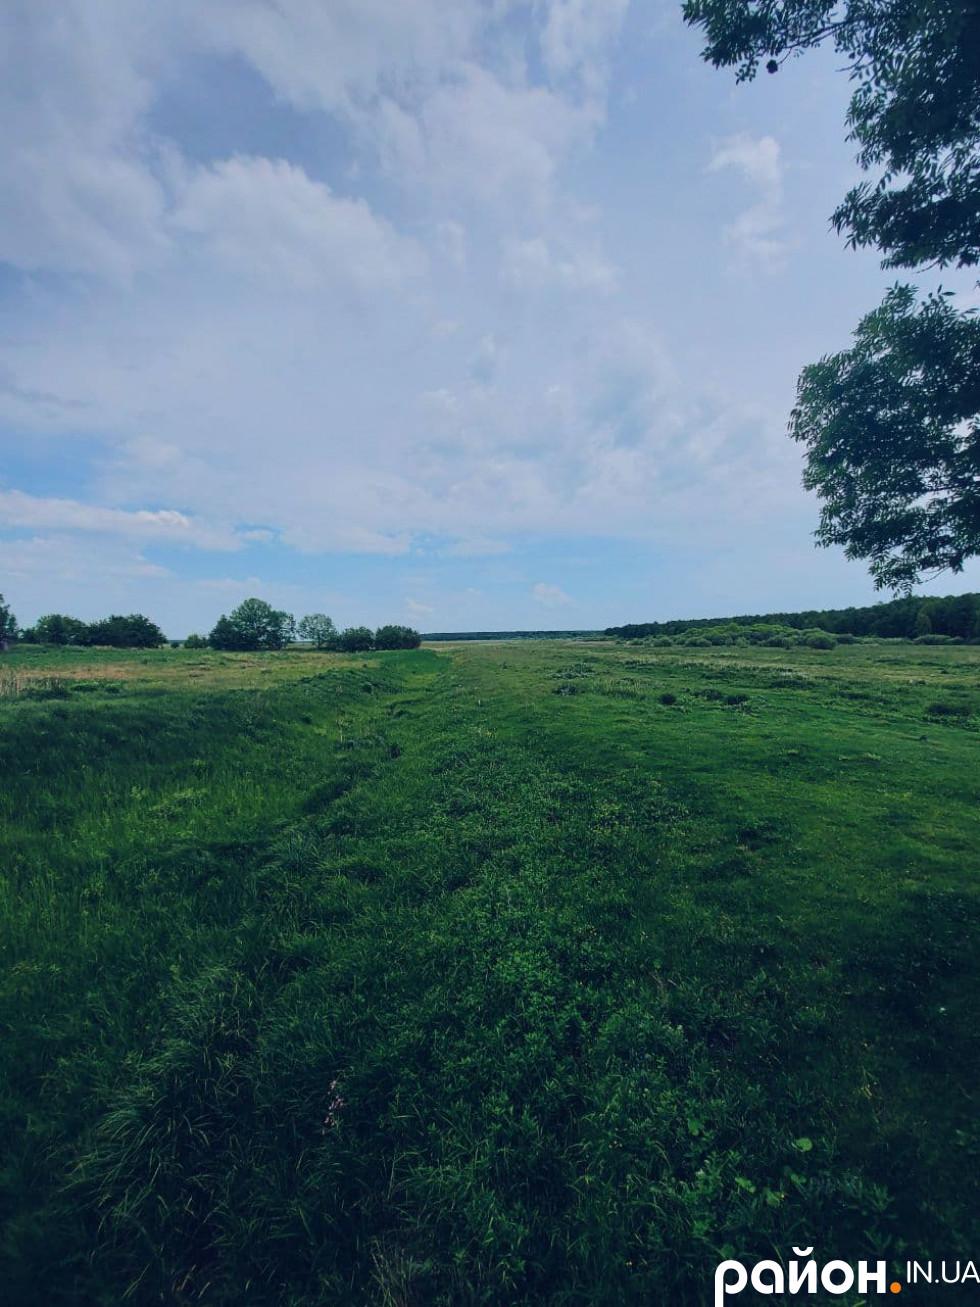 Костел стоїть на окраїні. Його оточують зелені влітку простори